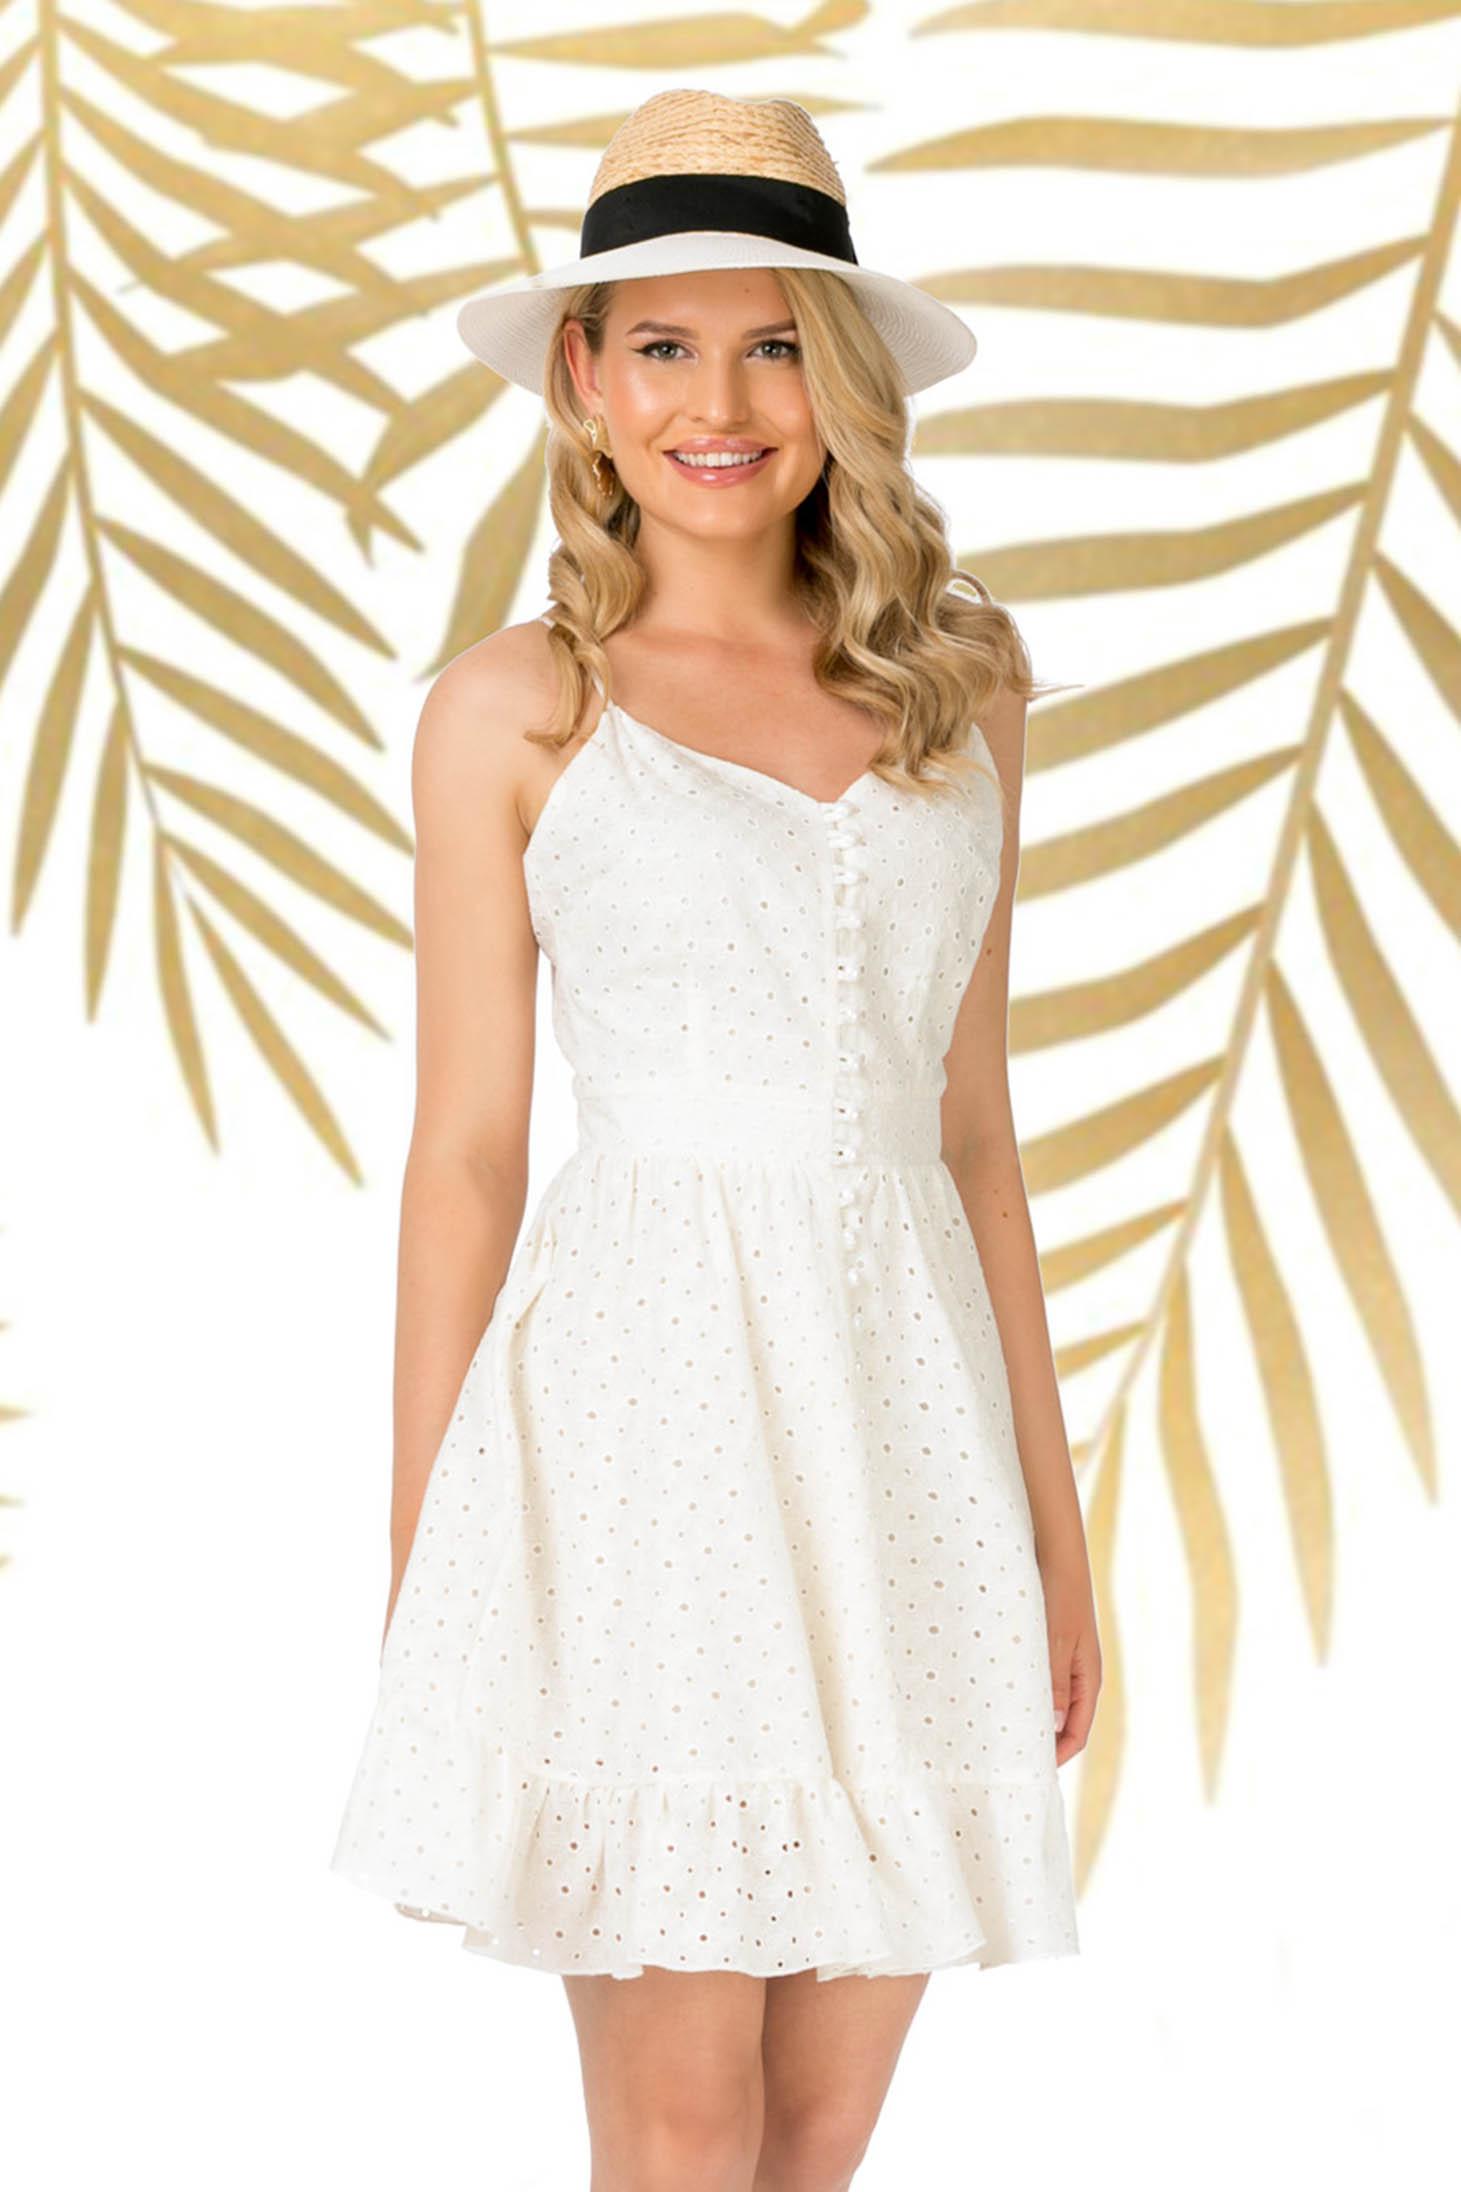 Rochie PrettyGirl alba de zi in clos cu bretele din bumbac neelastic cu volanase la baza rochiei